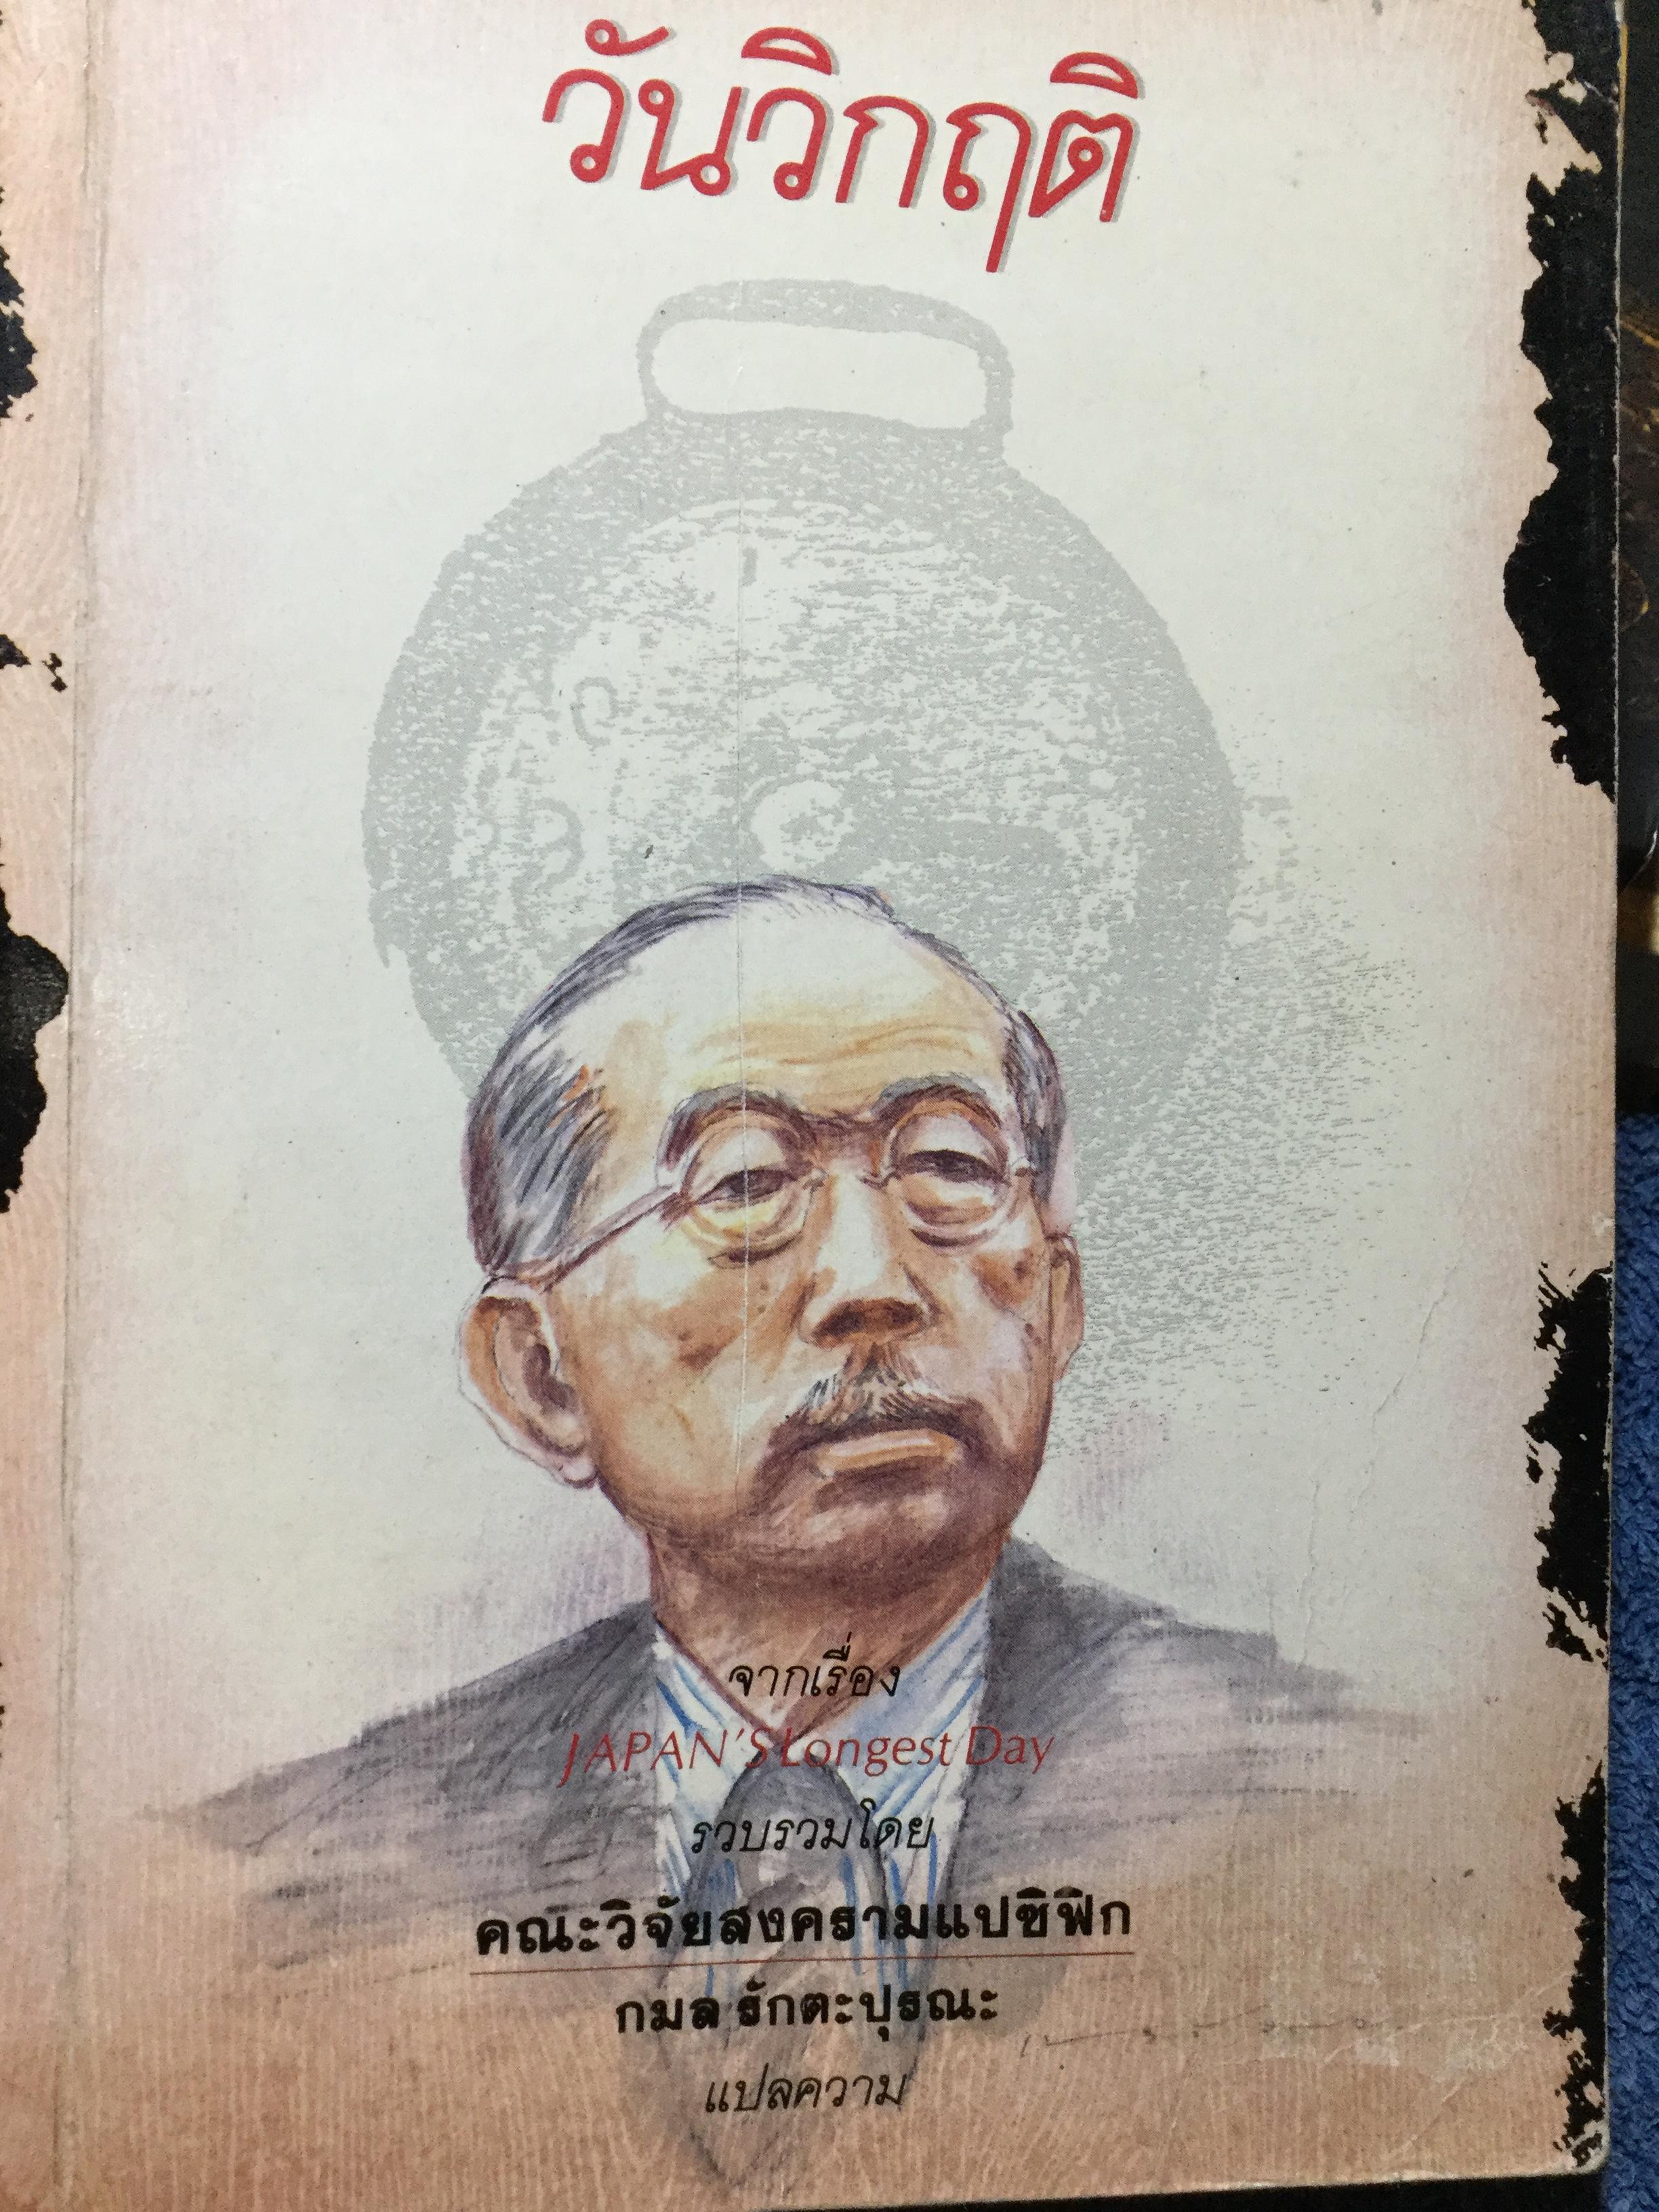 วันวิกฤติ วันอันยาวนานที่สุดของประเทศญี่ปุ่น จากเรื่อง Japan's Longest Day รวบรวมโดย คณะวิจัยสงครามแปซิฟิก